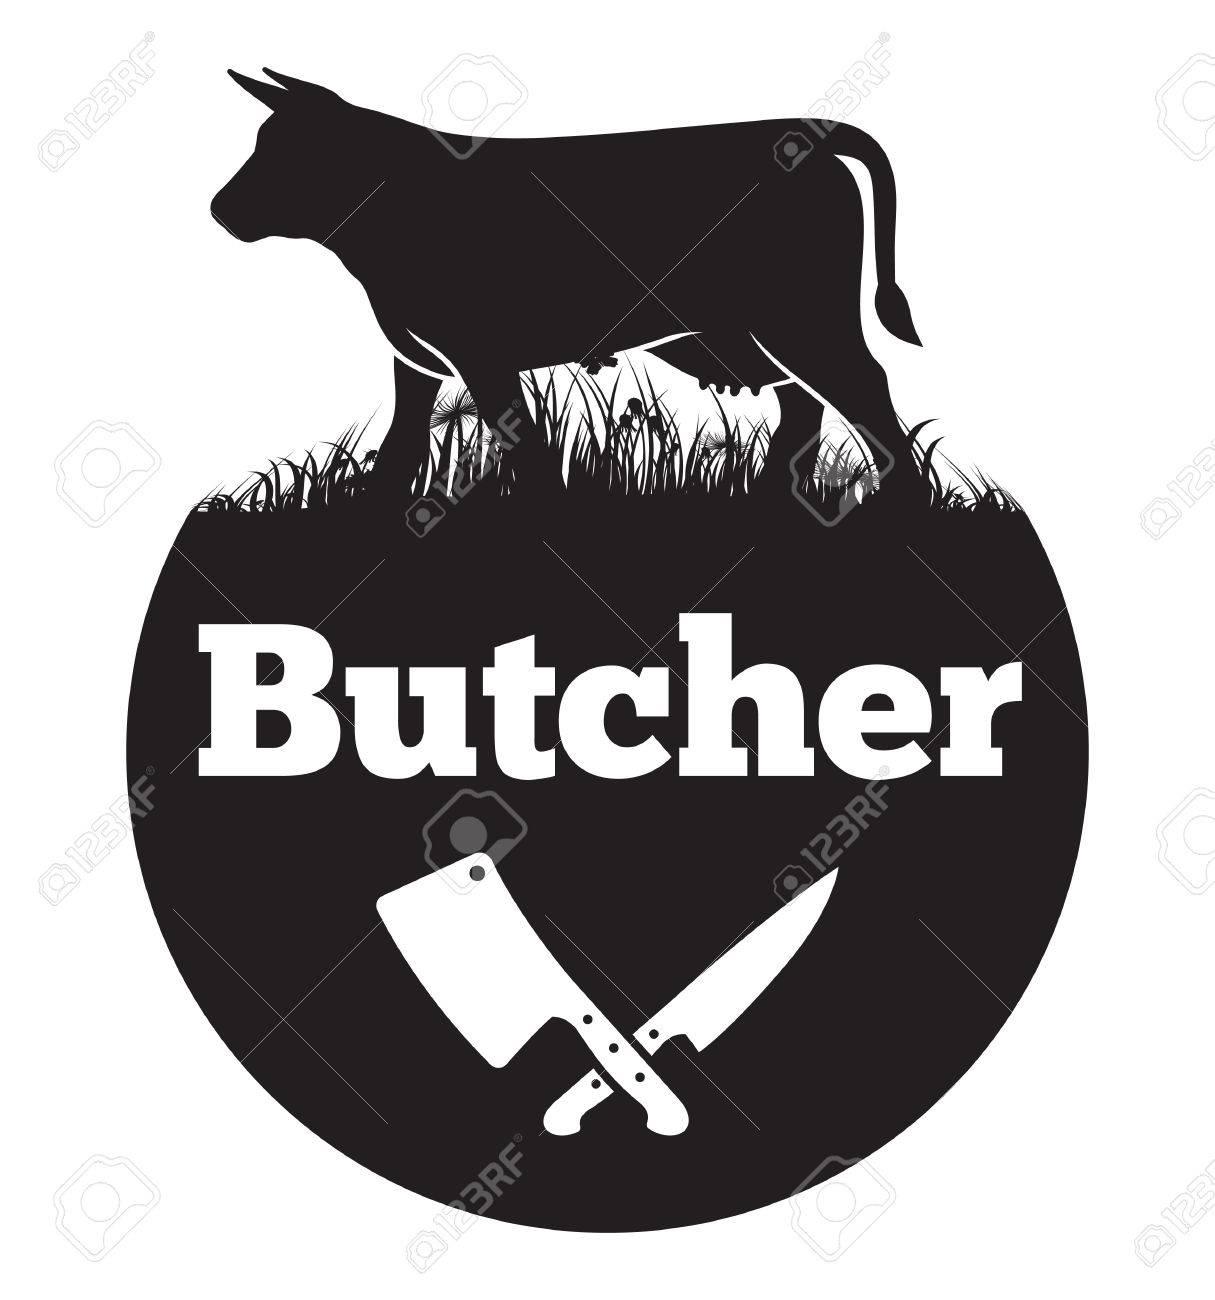 Butcher vector icon - 58154296